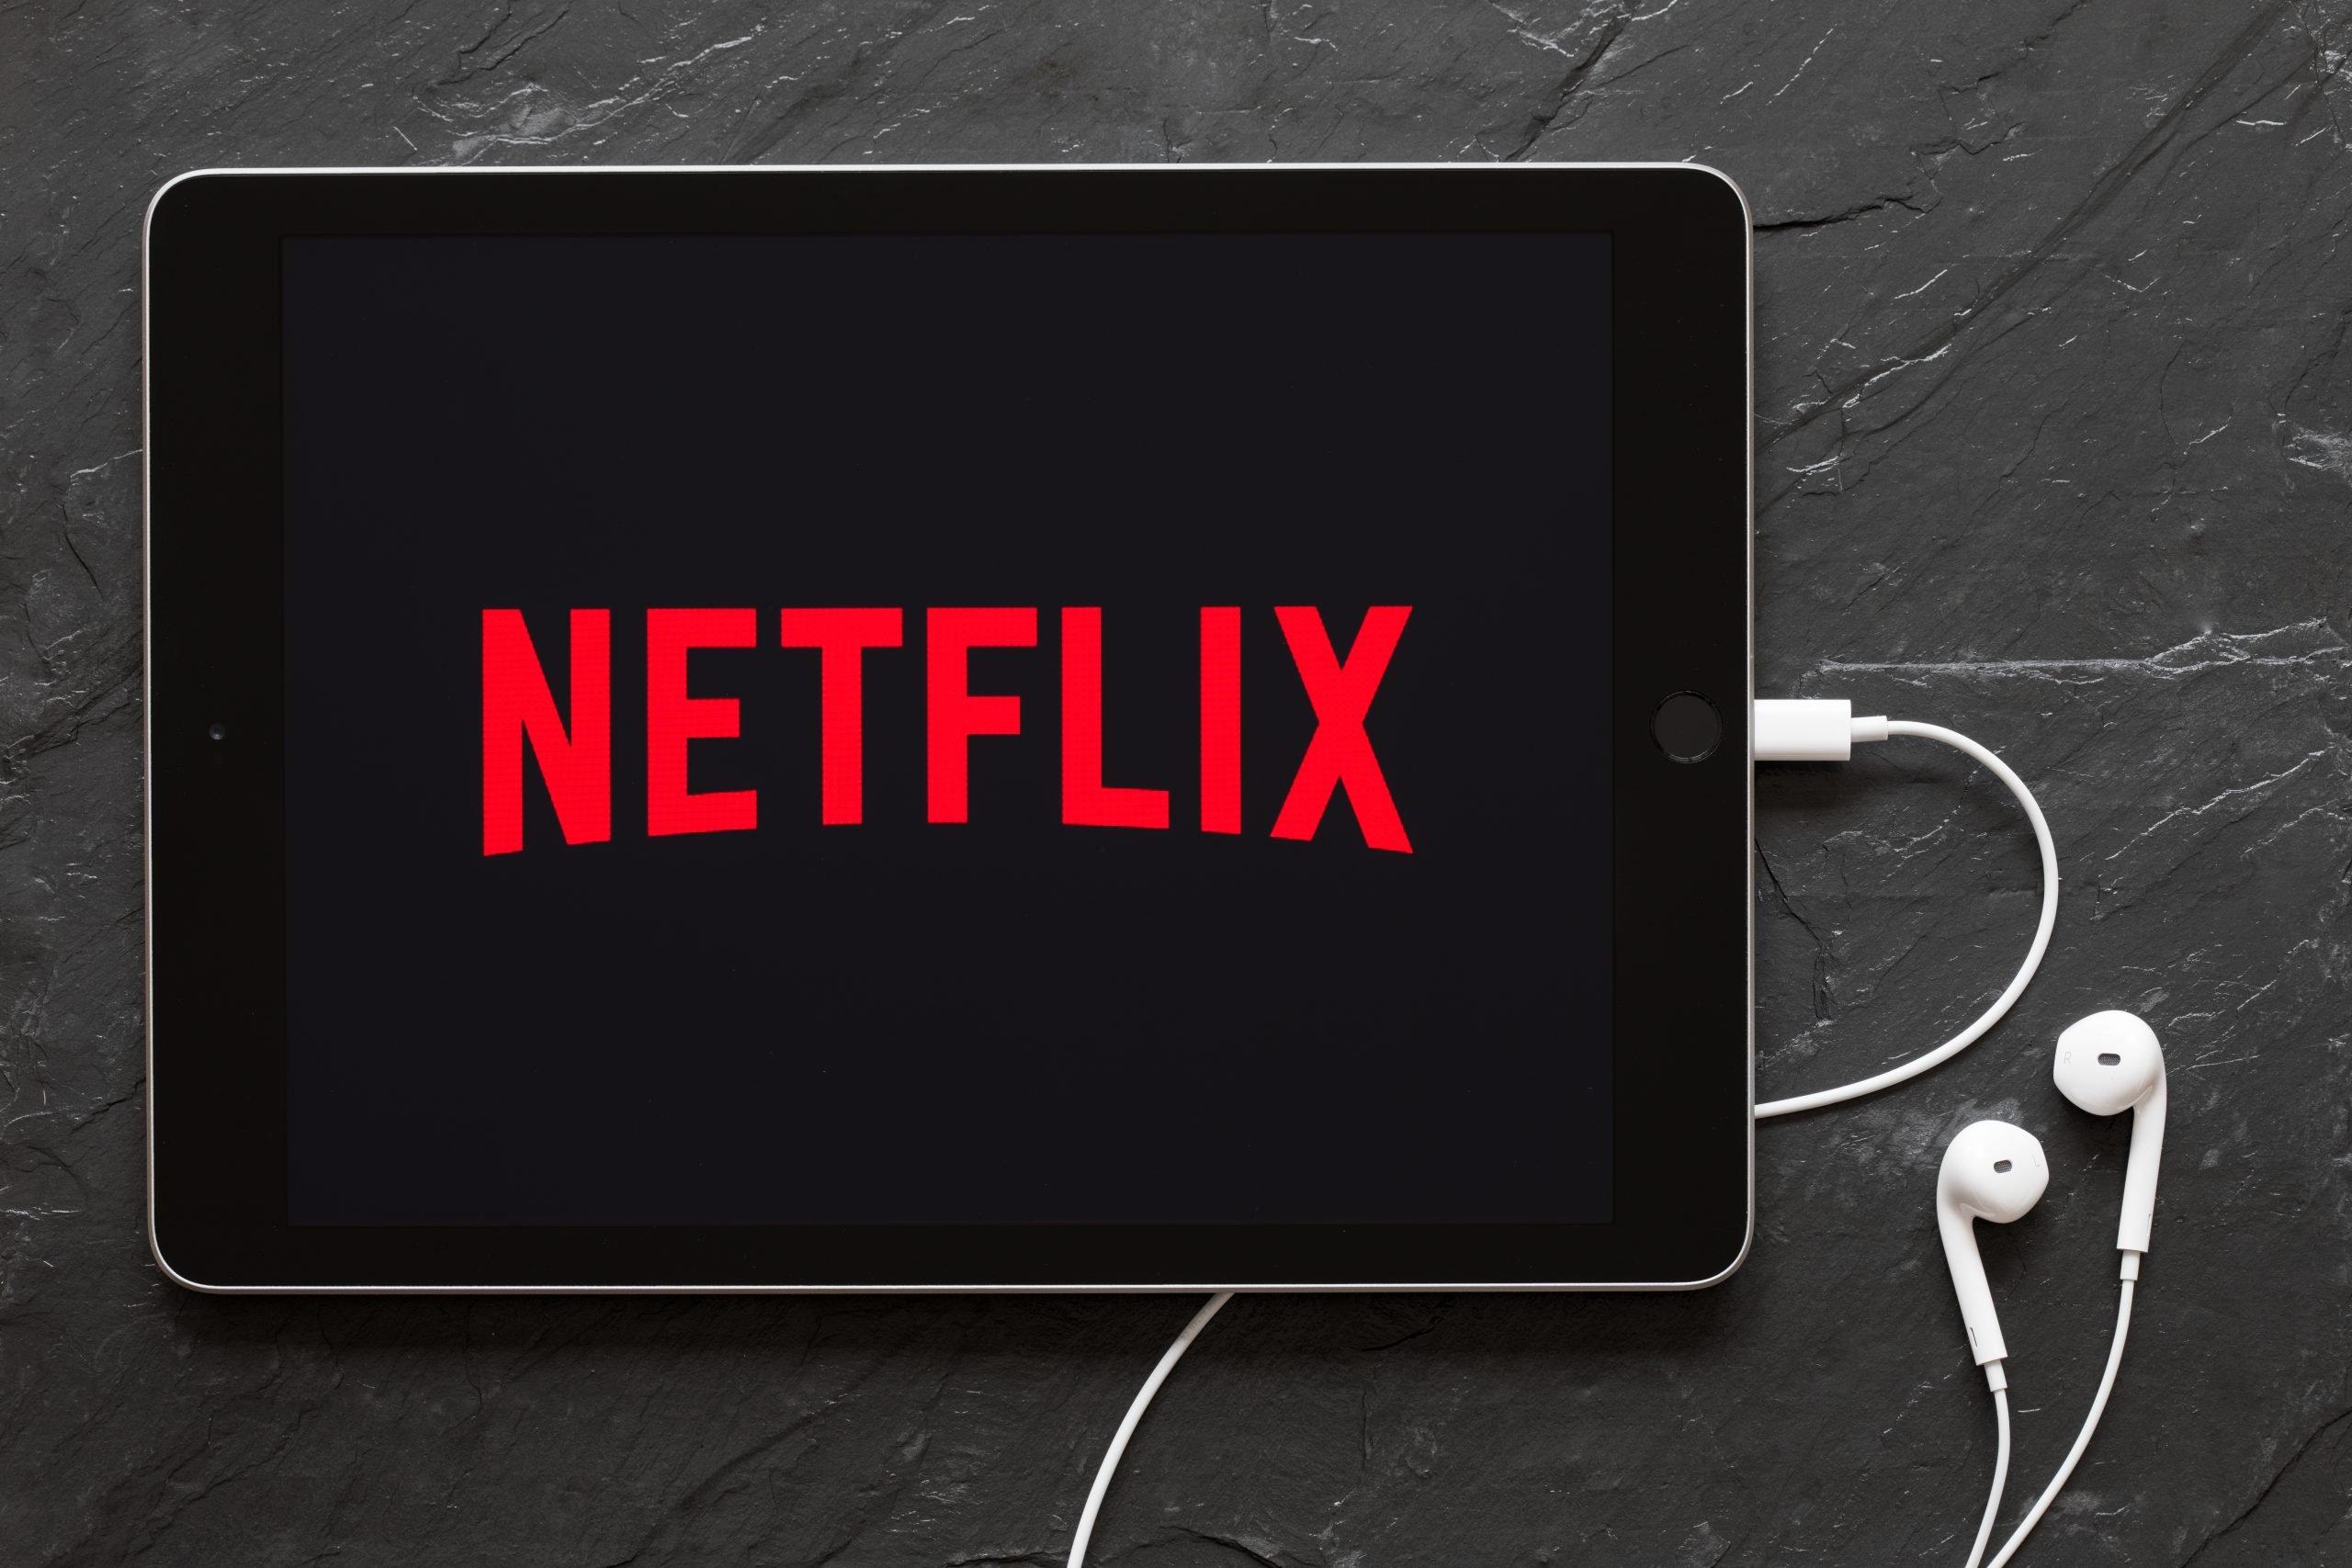 Écouteurs connectés à l'iPad affichant le logo Netflix sur l'écran. | Photo : Shutterstock